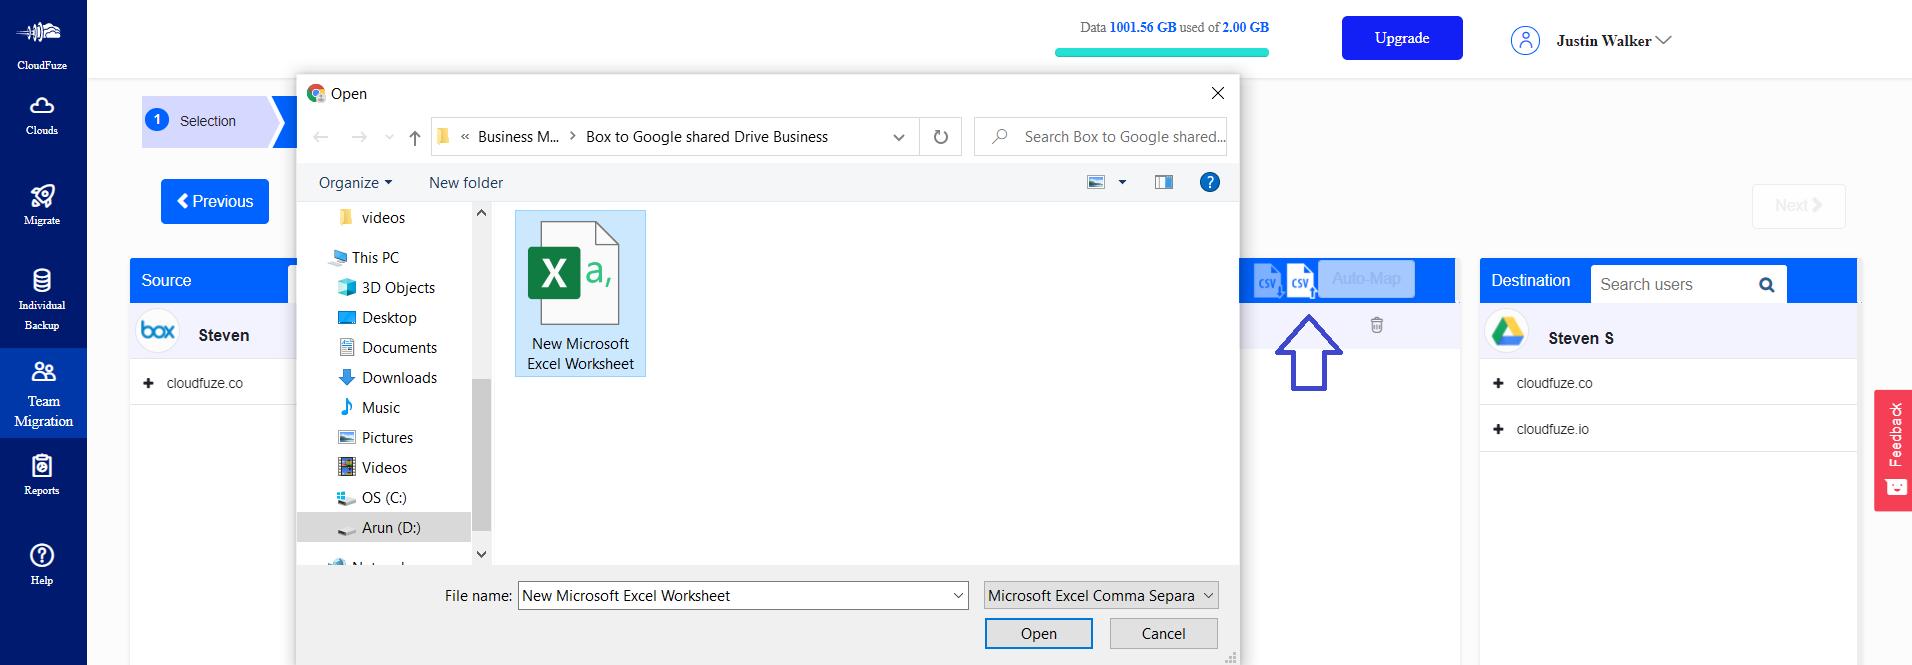 Upload Excel file